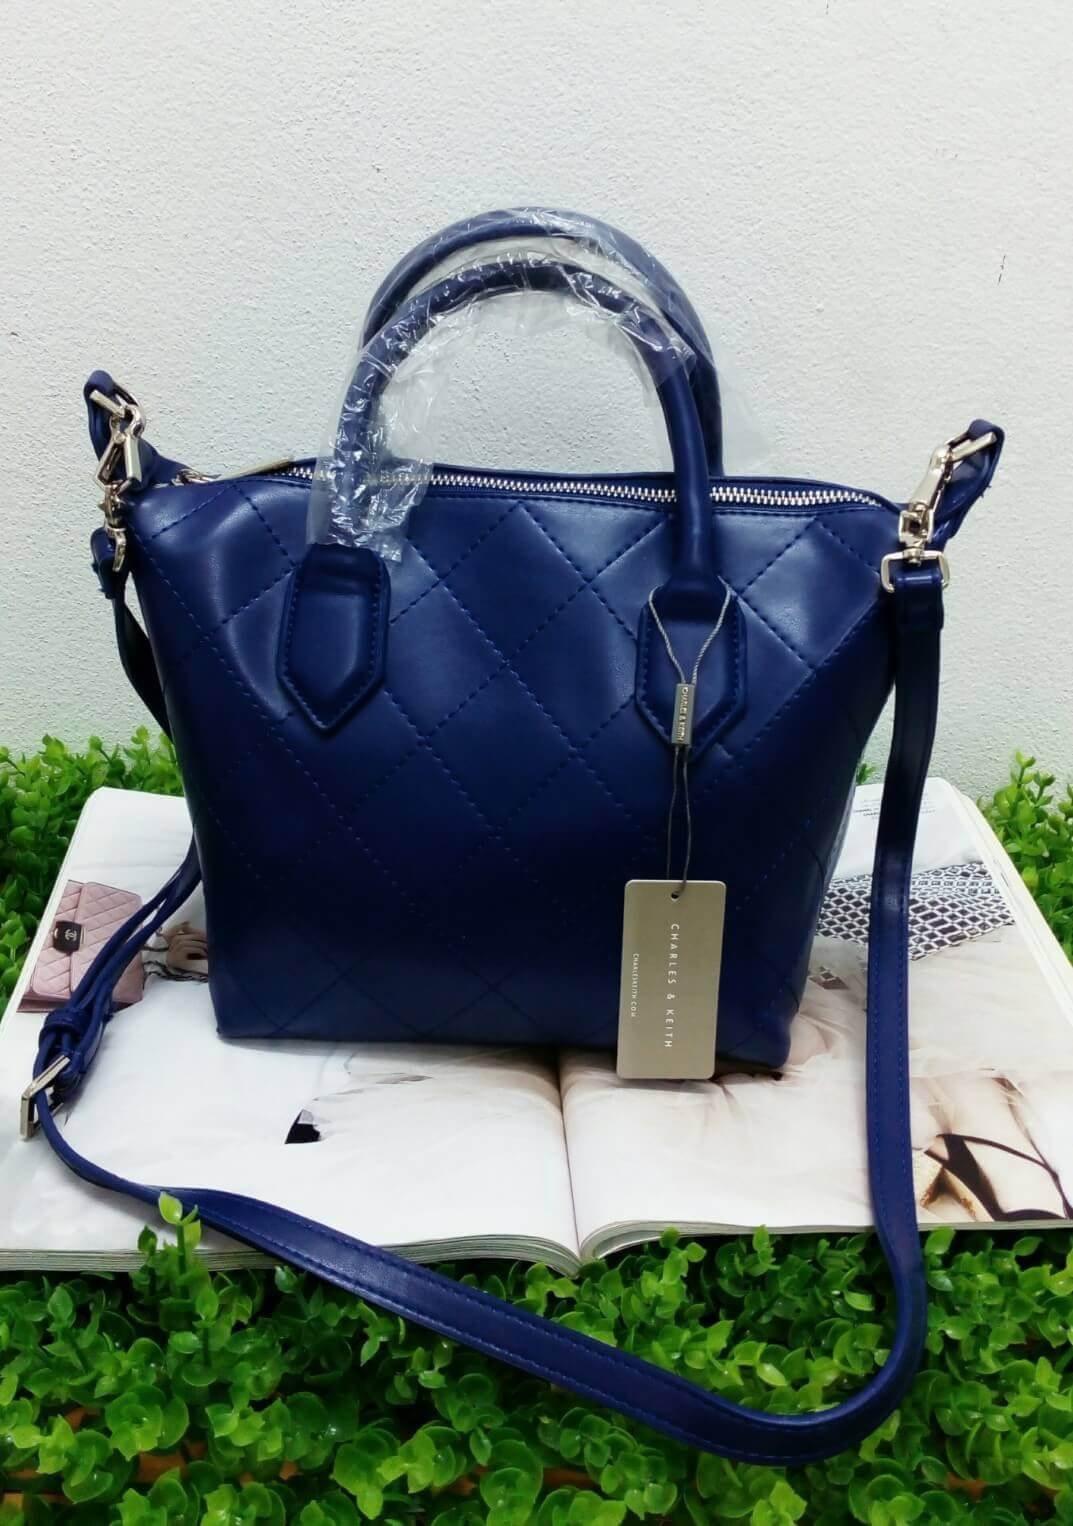 Charles & Keith Bag กระเป๋าหนังหนานิ่ม ตั้งทรงสวย มี 2 สี